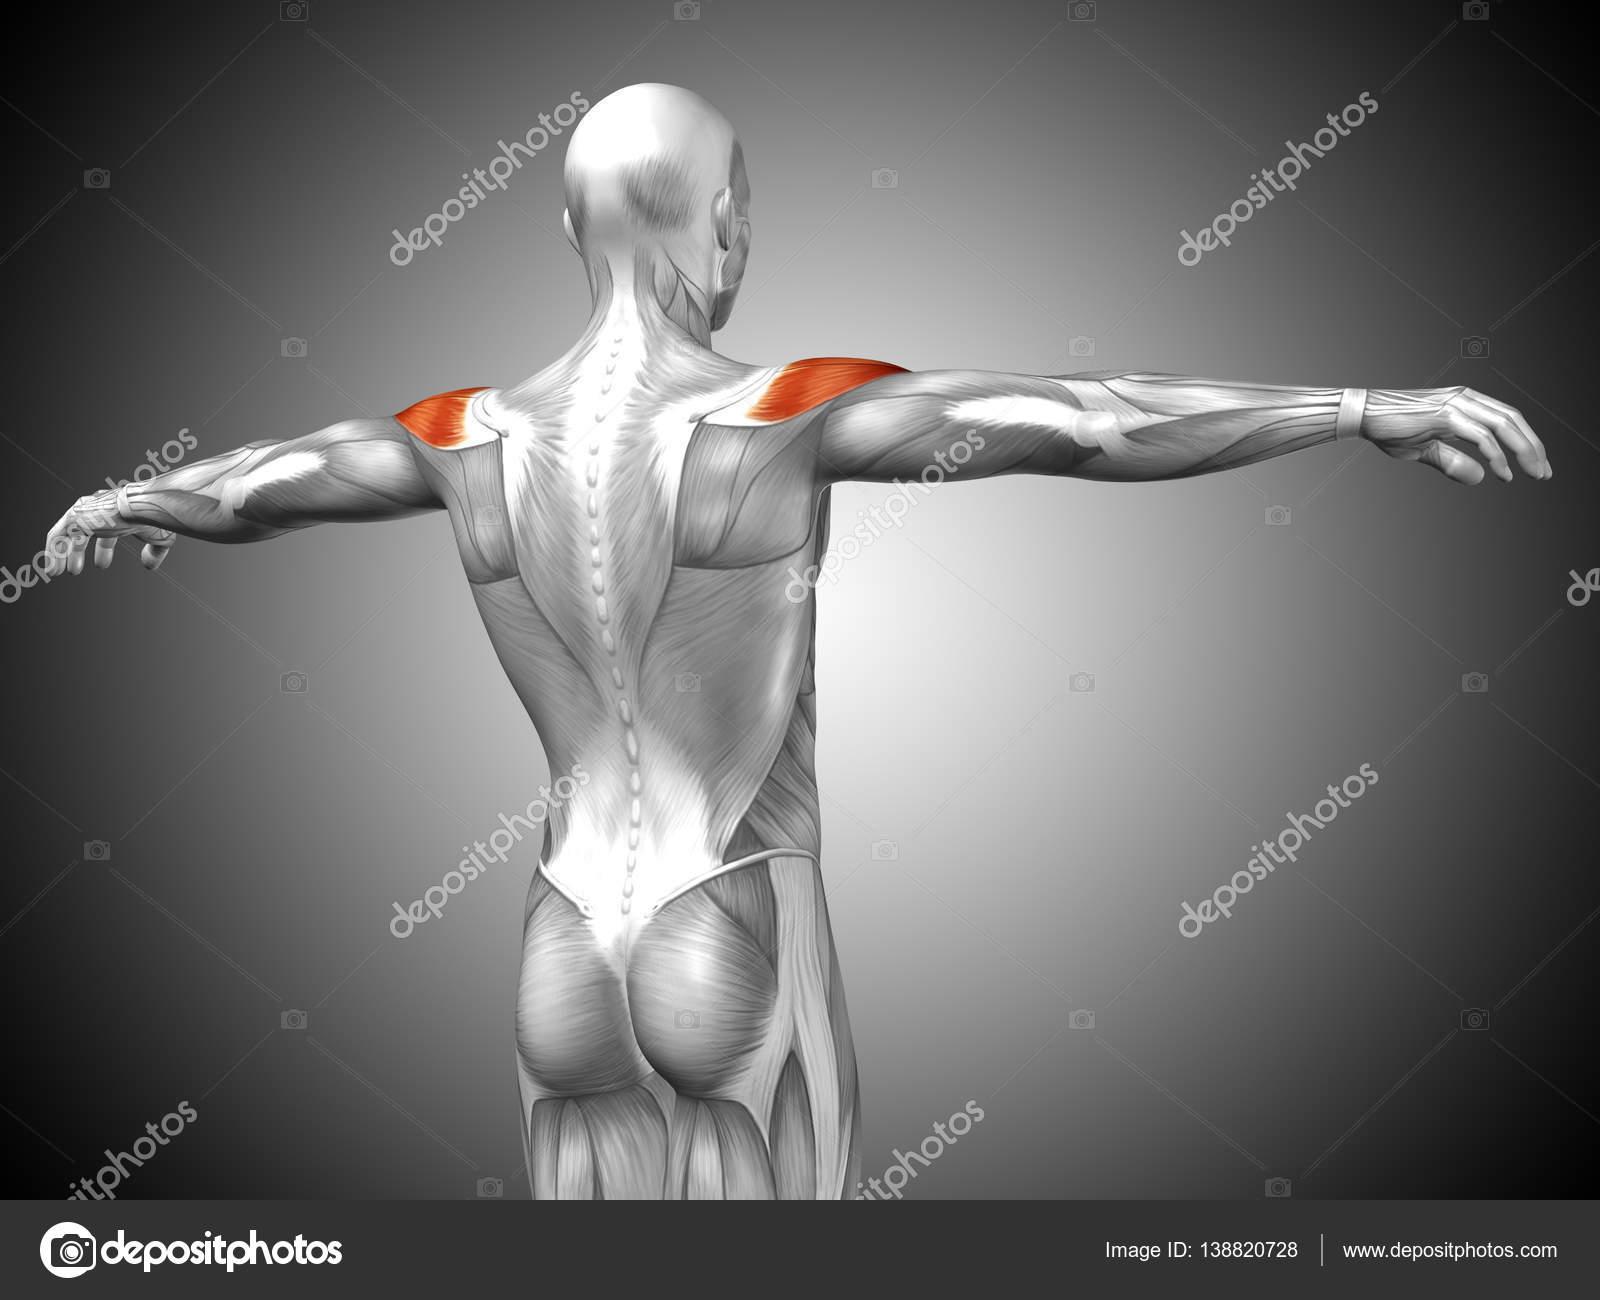 Asombroso Fotos De La Anatomía Stock Elaboración - Imágenes de ...